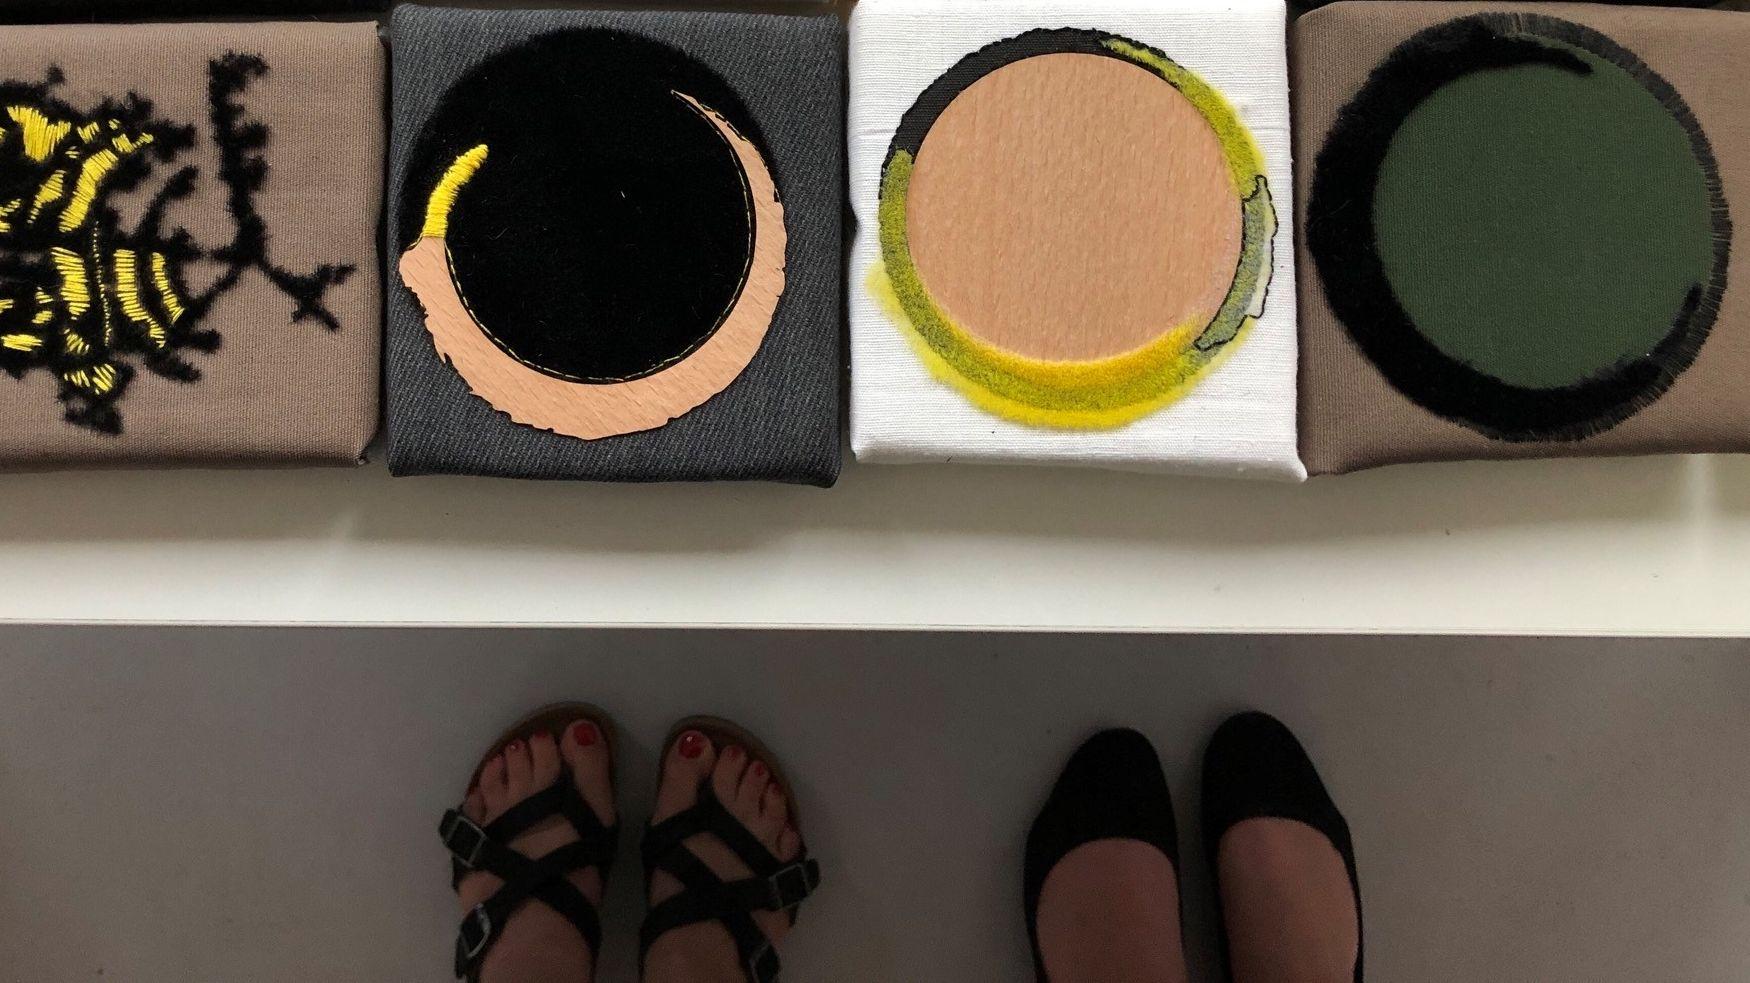 Füße in Sommerschuhen stehen vor einem Kunstwerk